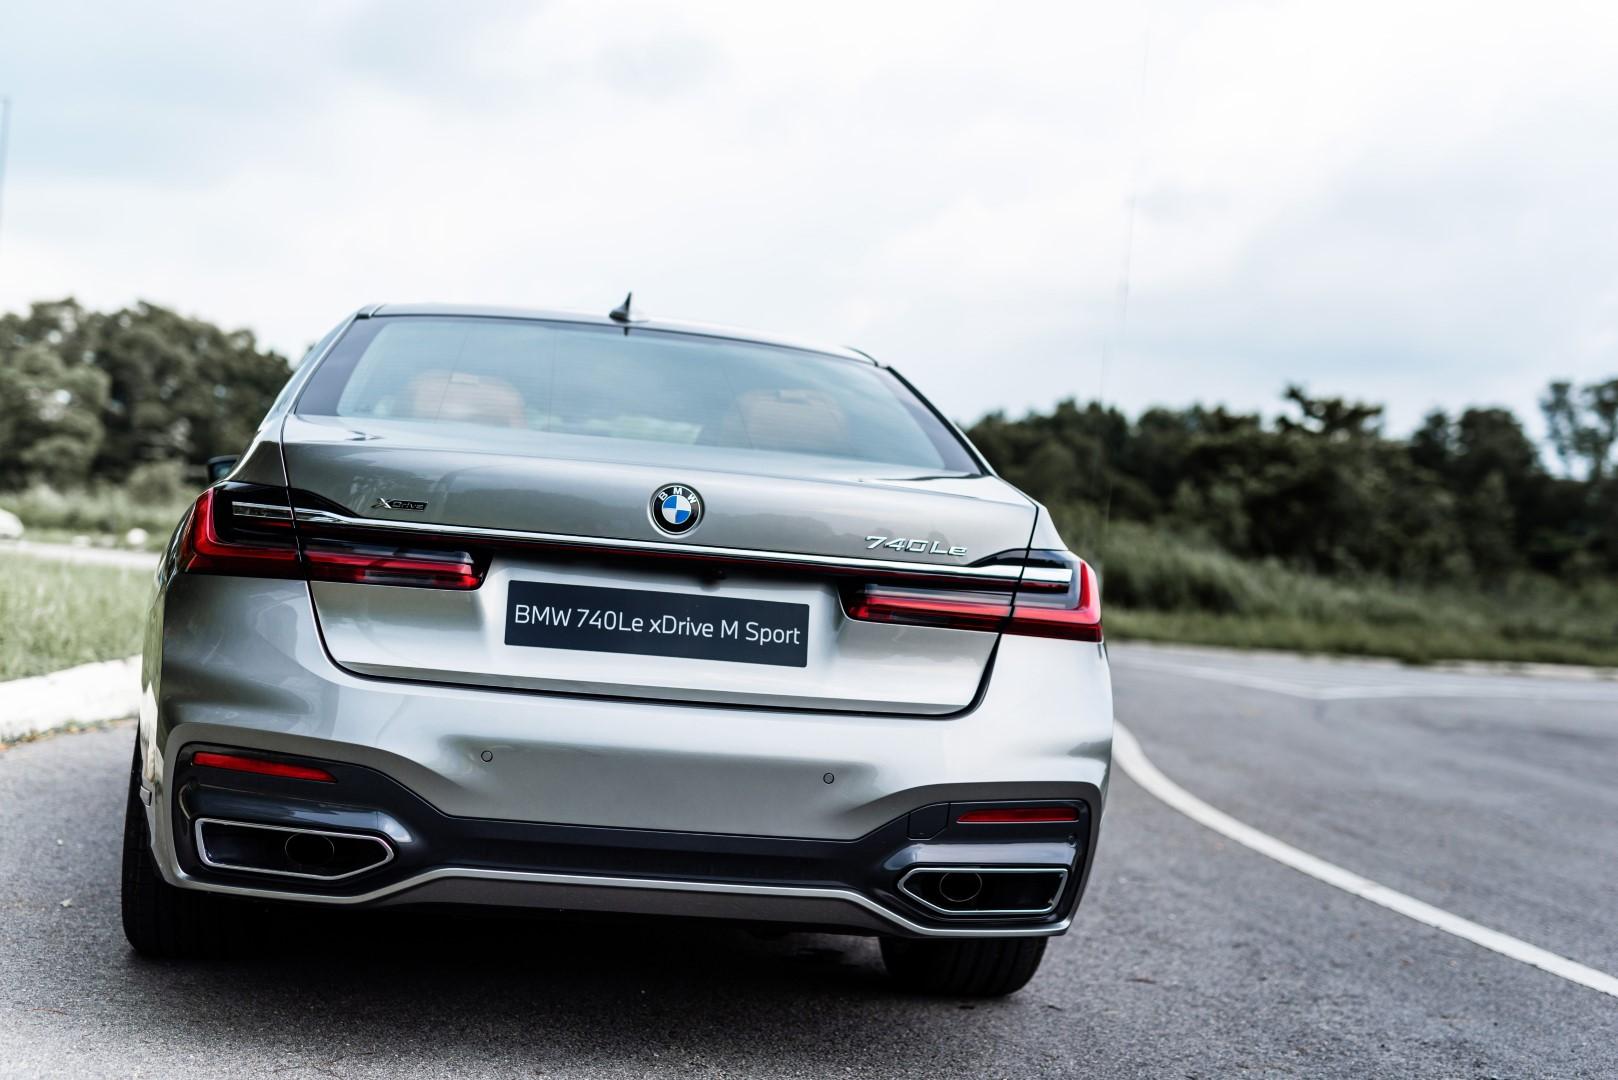 BMW 745Le xDrive M Sport